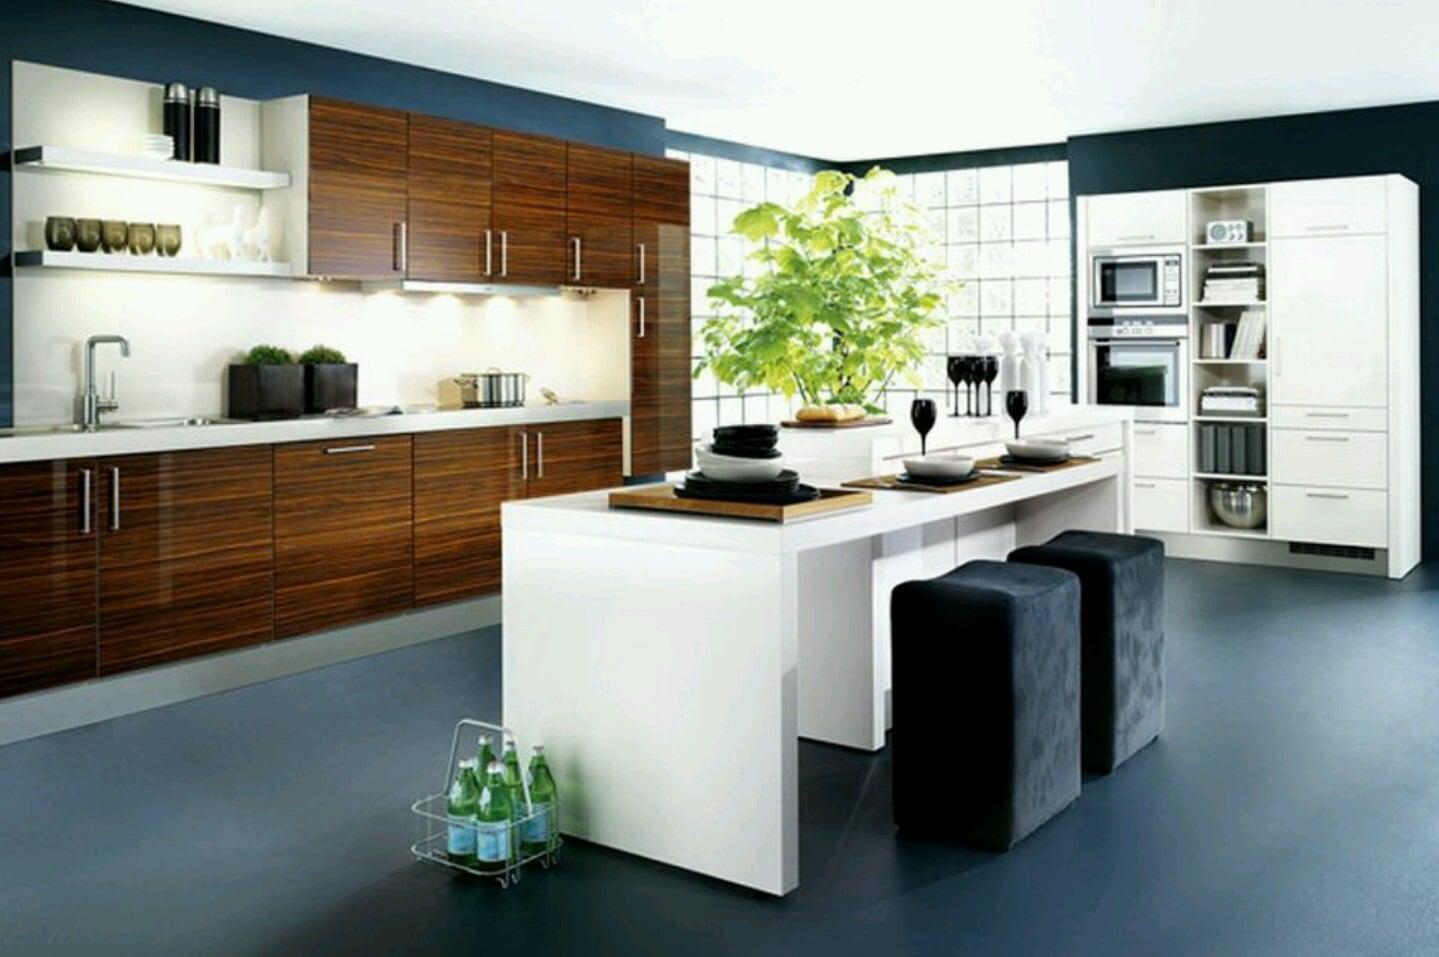 Cucine Moderne con Isola: ecco come progettarle nei dettagli